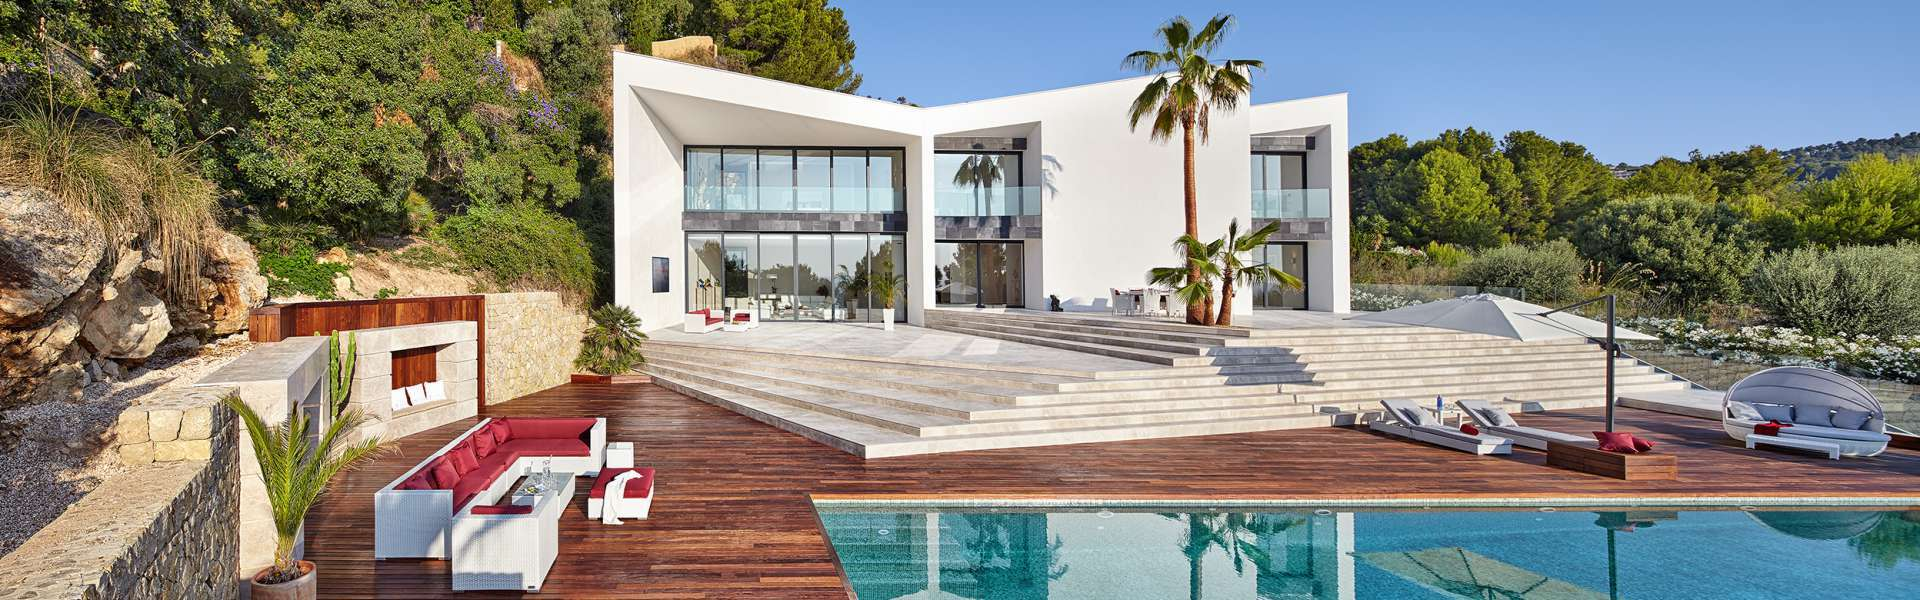 Palma - A masterpiece of architecture in Son Vida